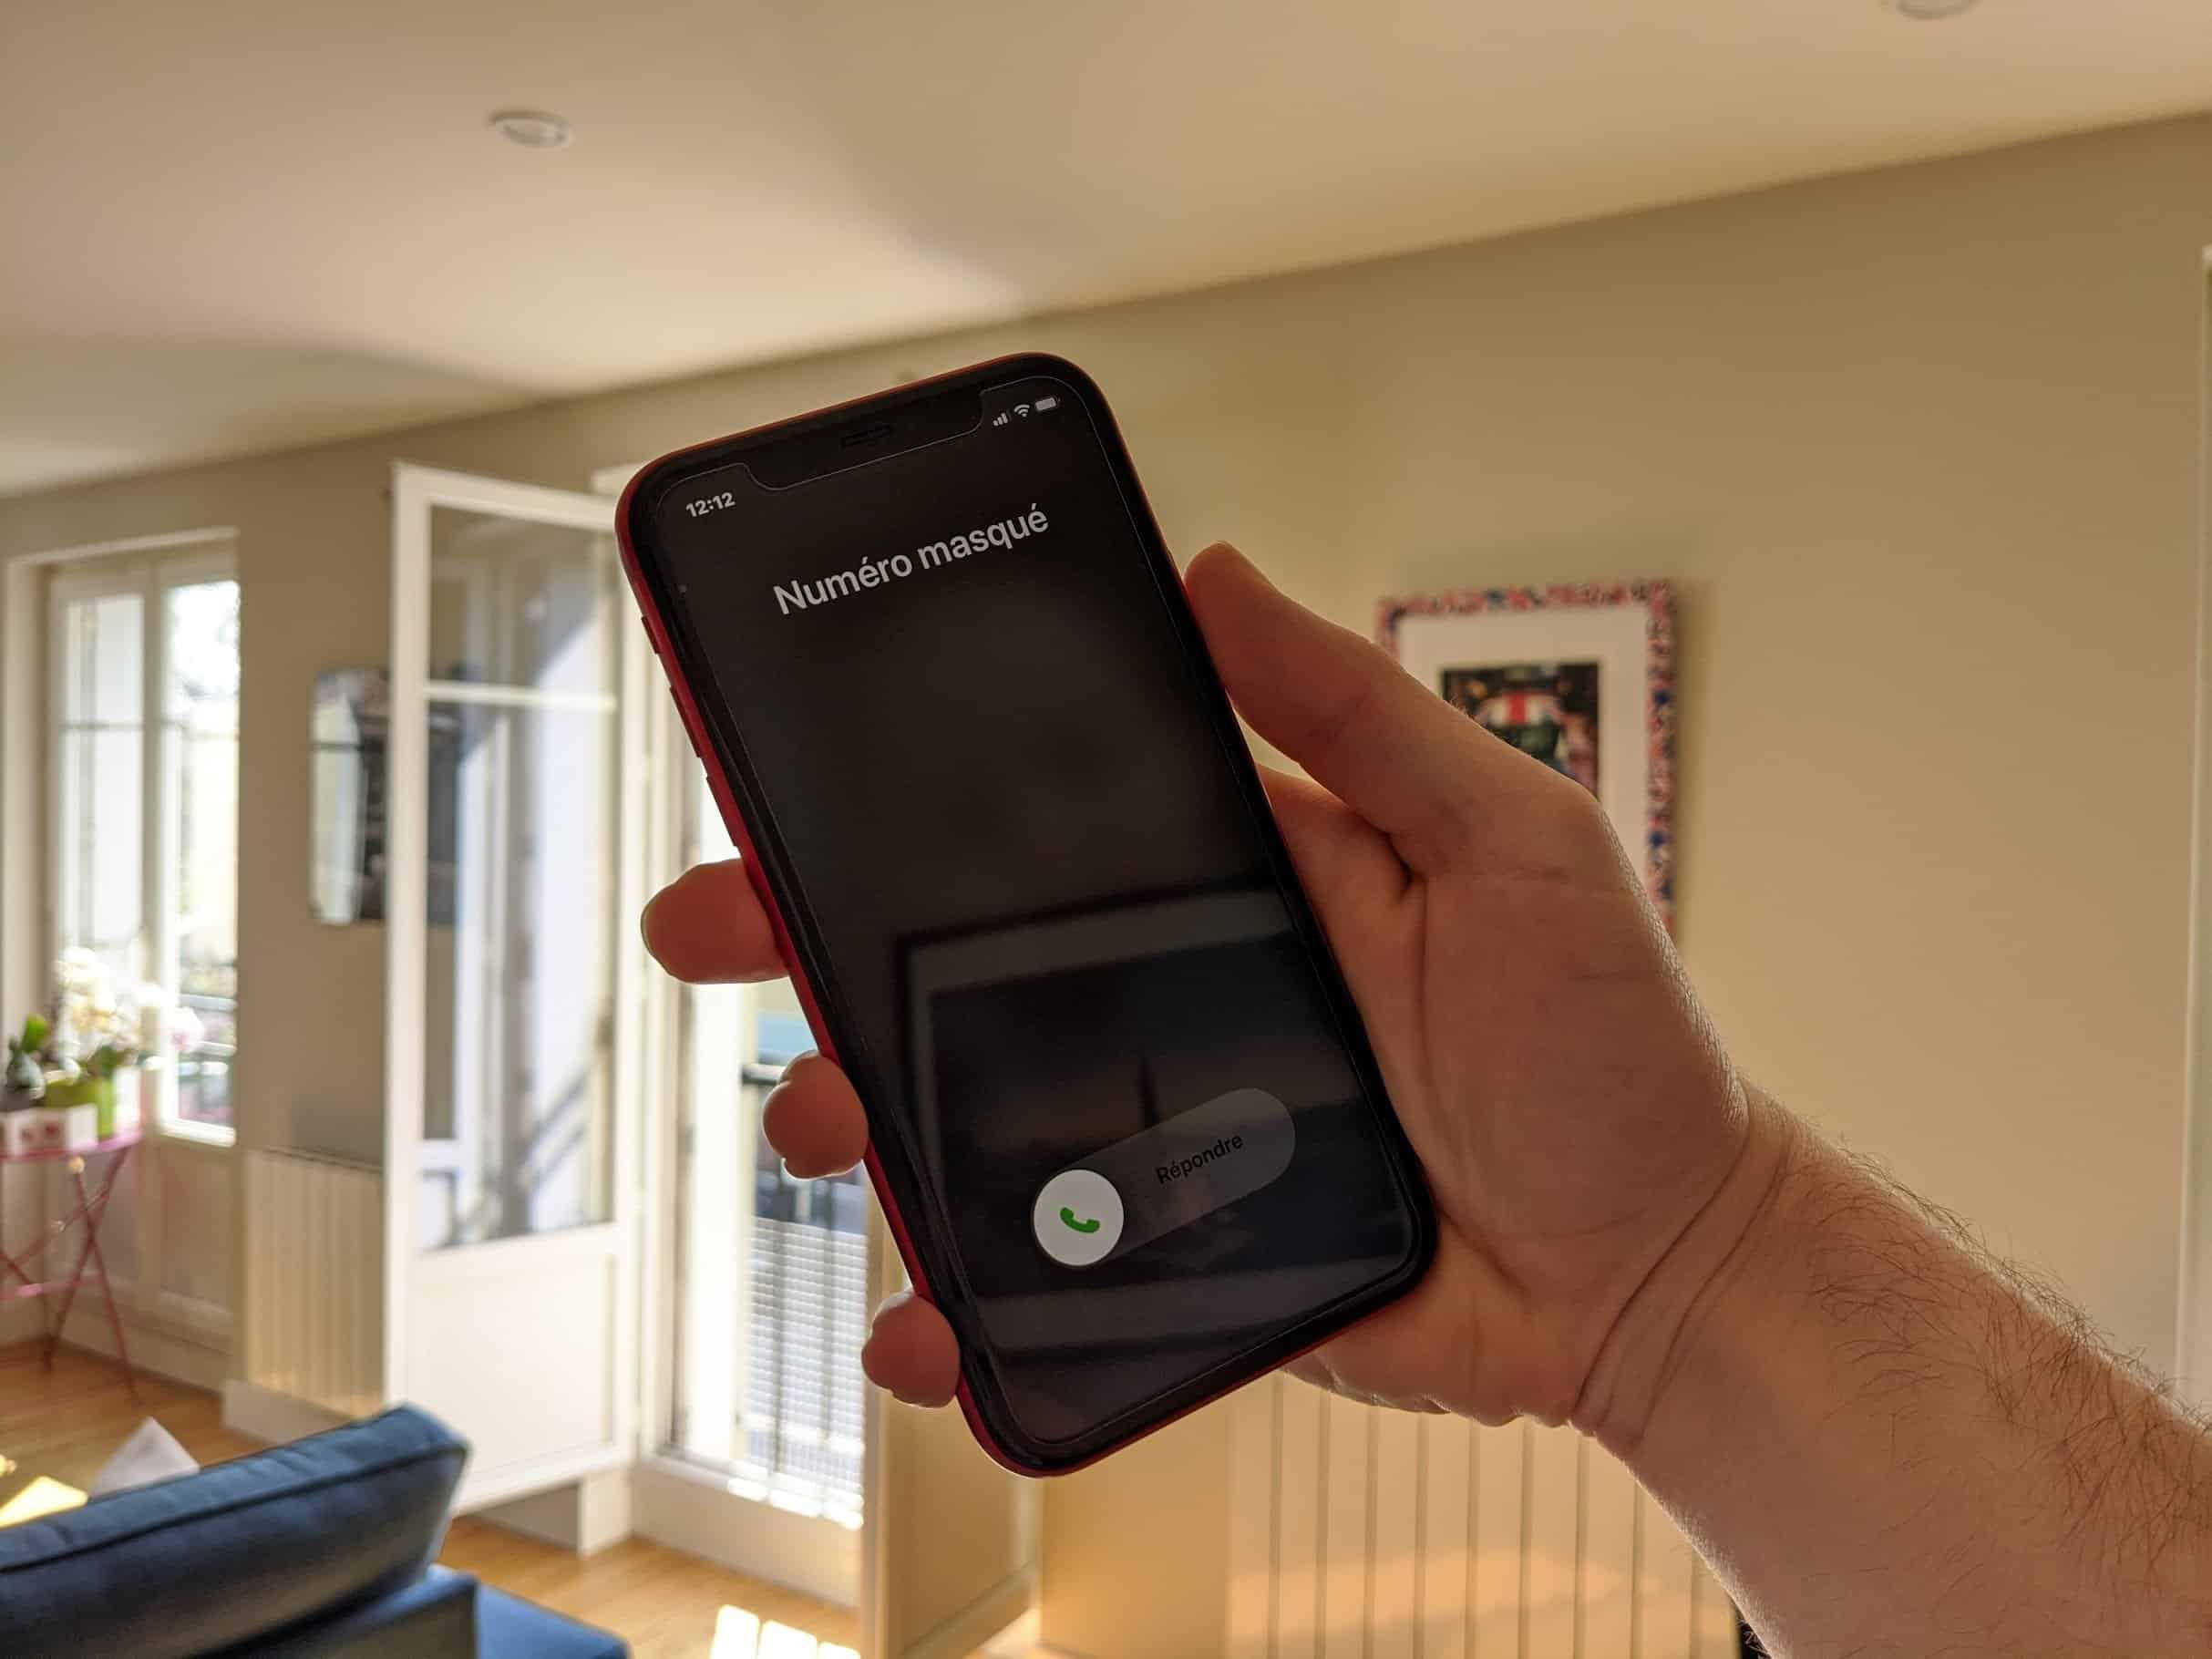 mettre musique en sonnerie iPhone